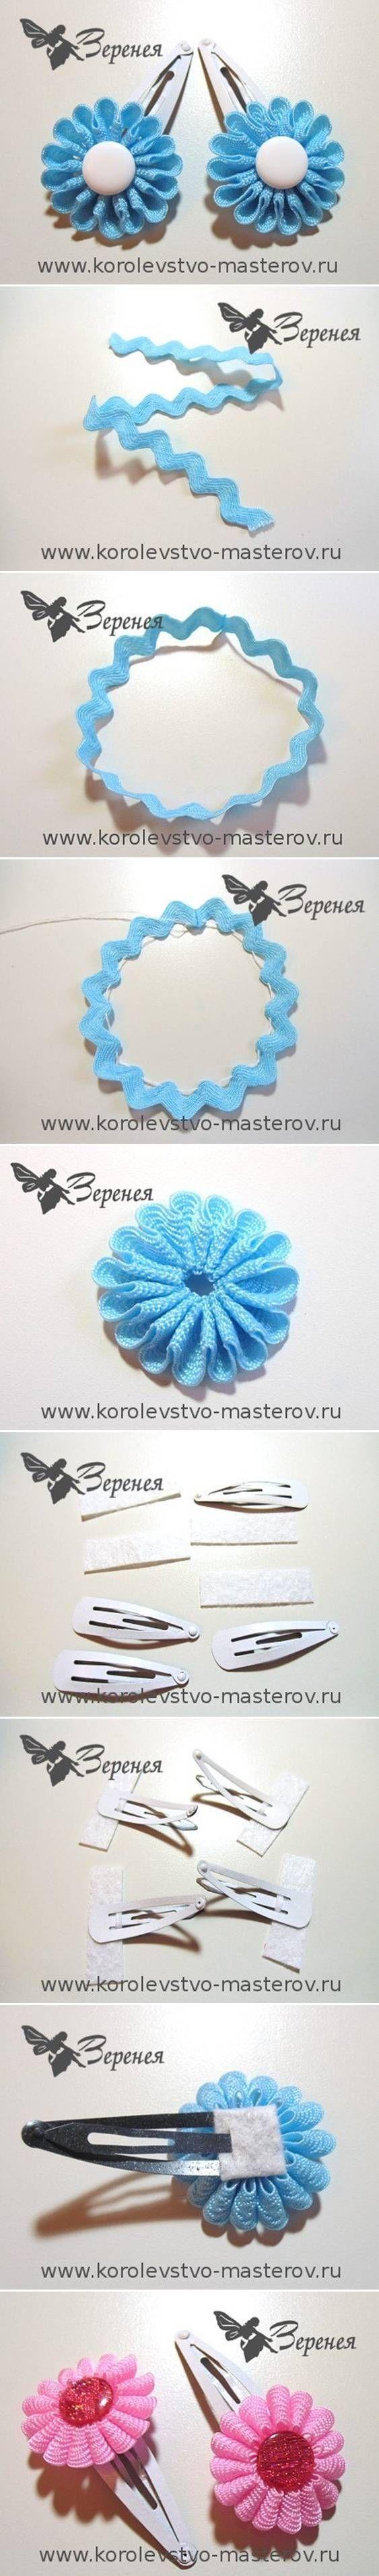 DIY Braid Flower via usefuldiy.com